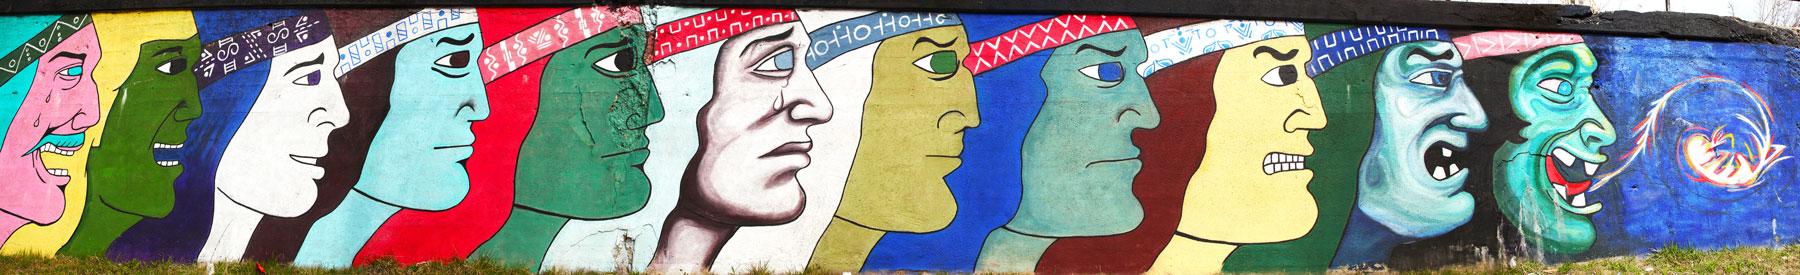 Galeria del Barrio by Aurelio Diaz